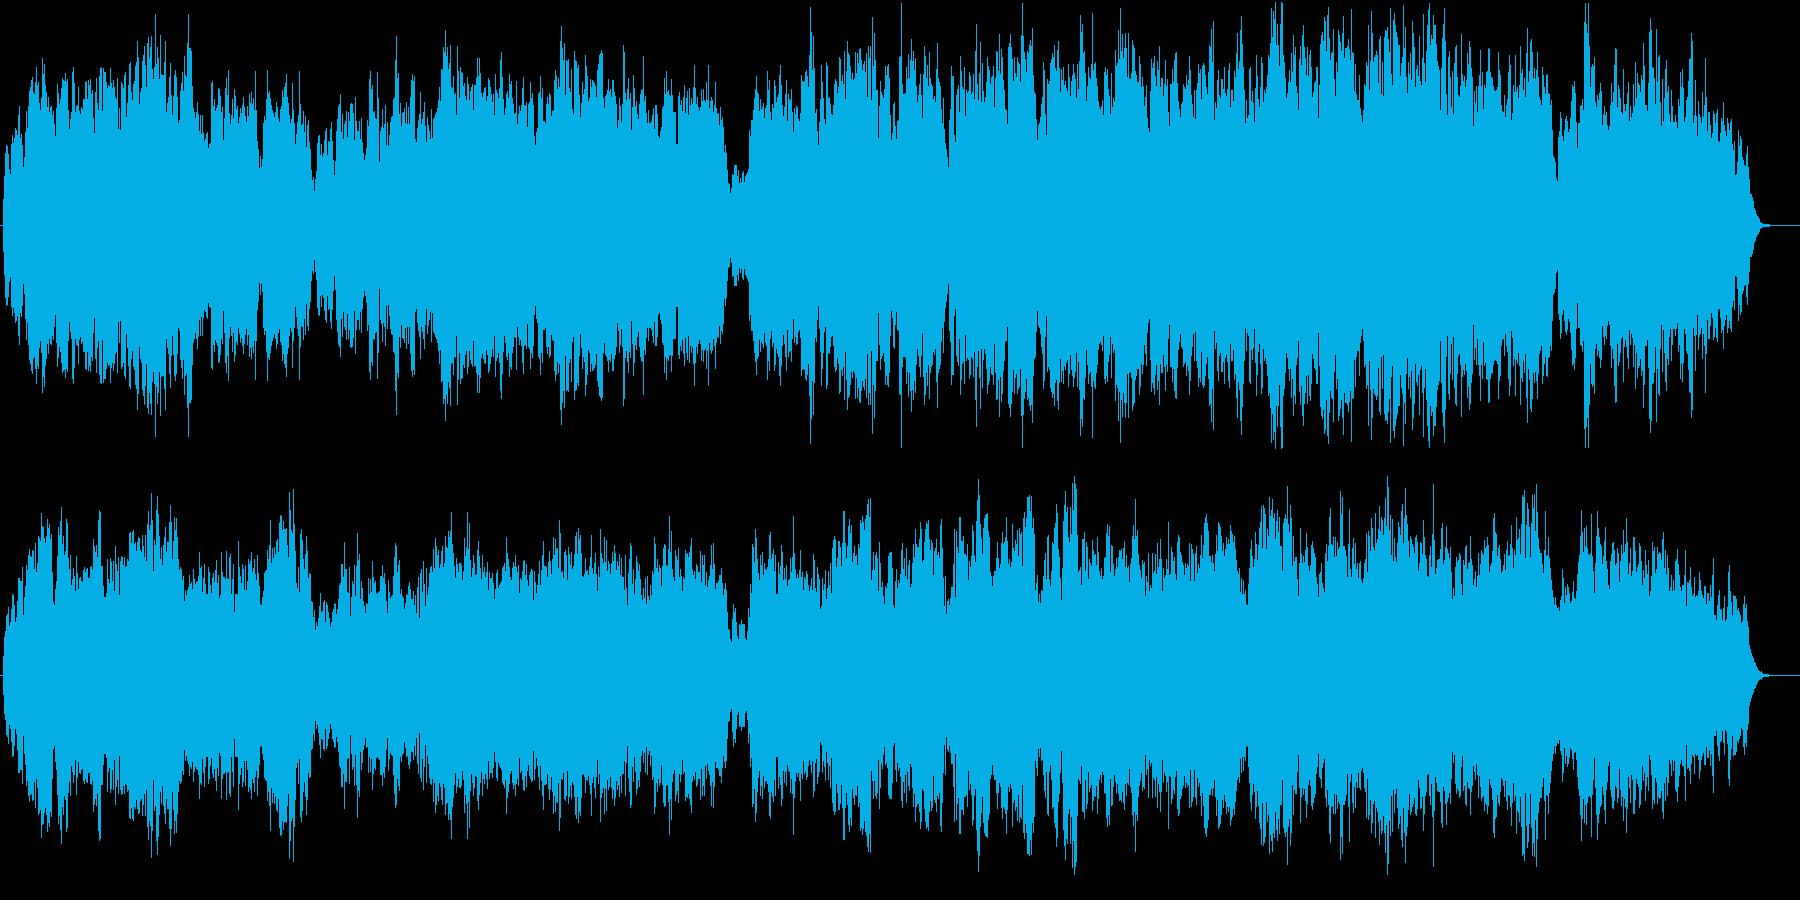 Horn_Adagioの再生済みの波形